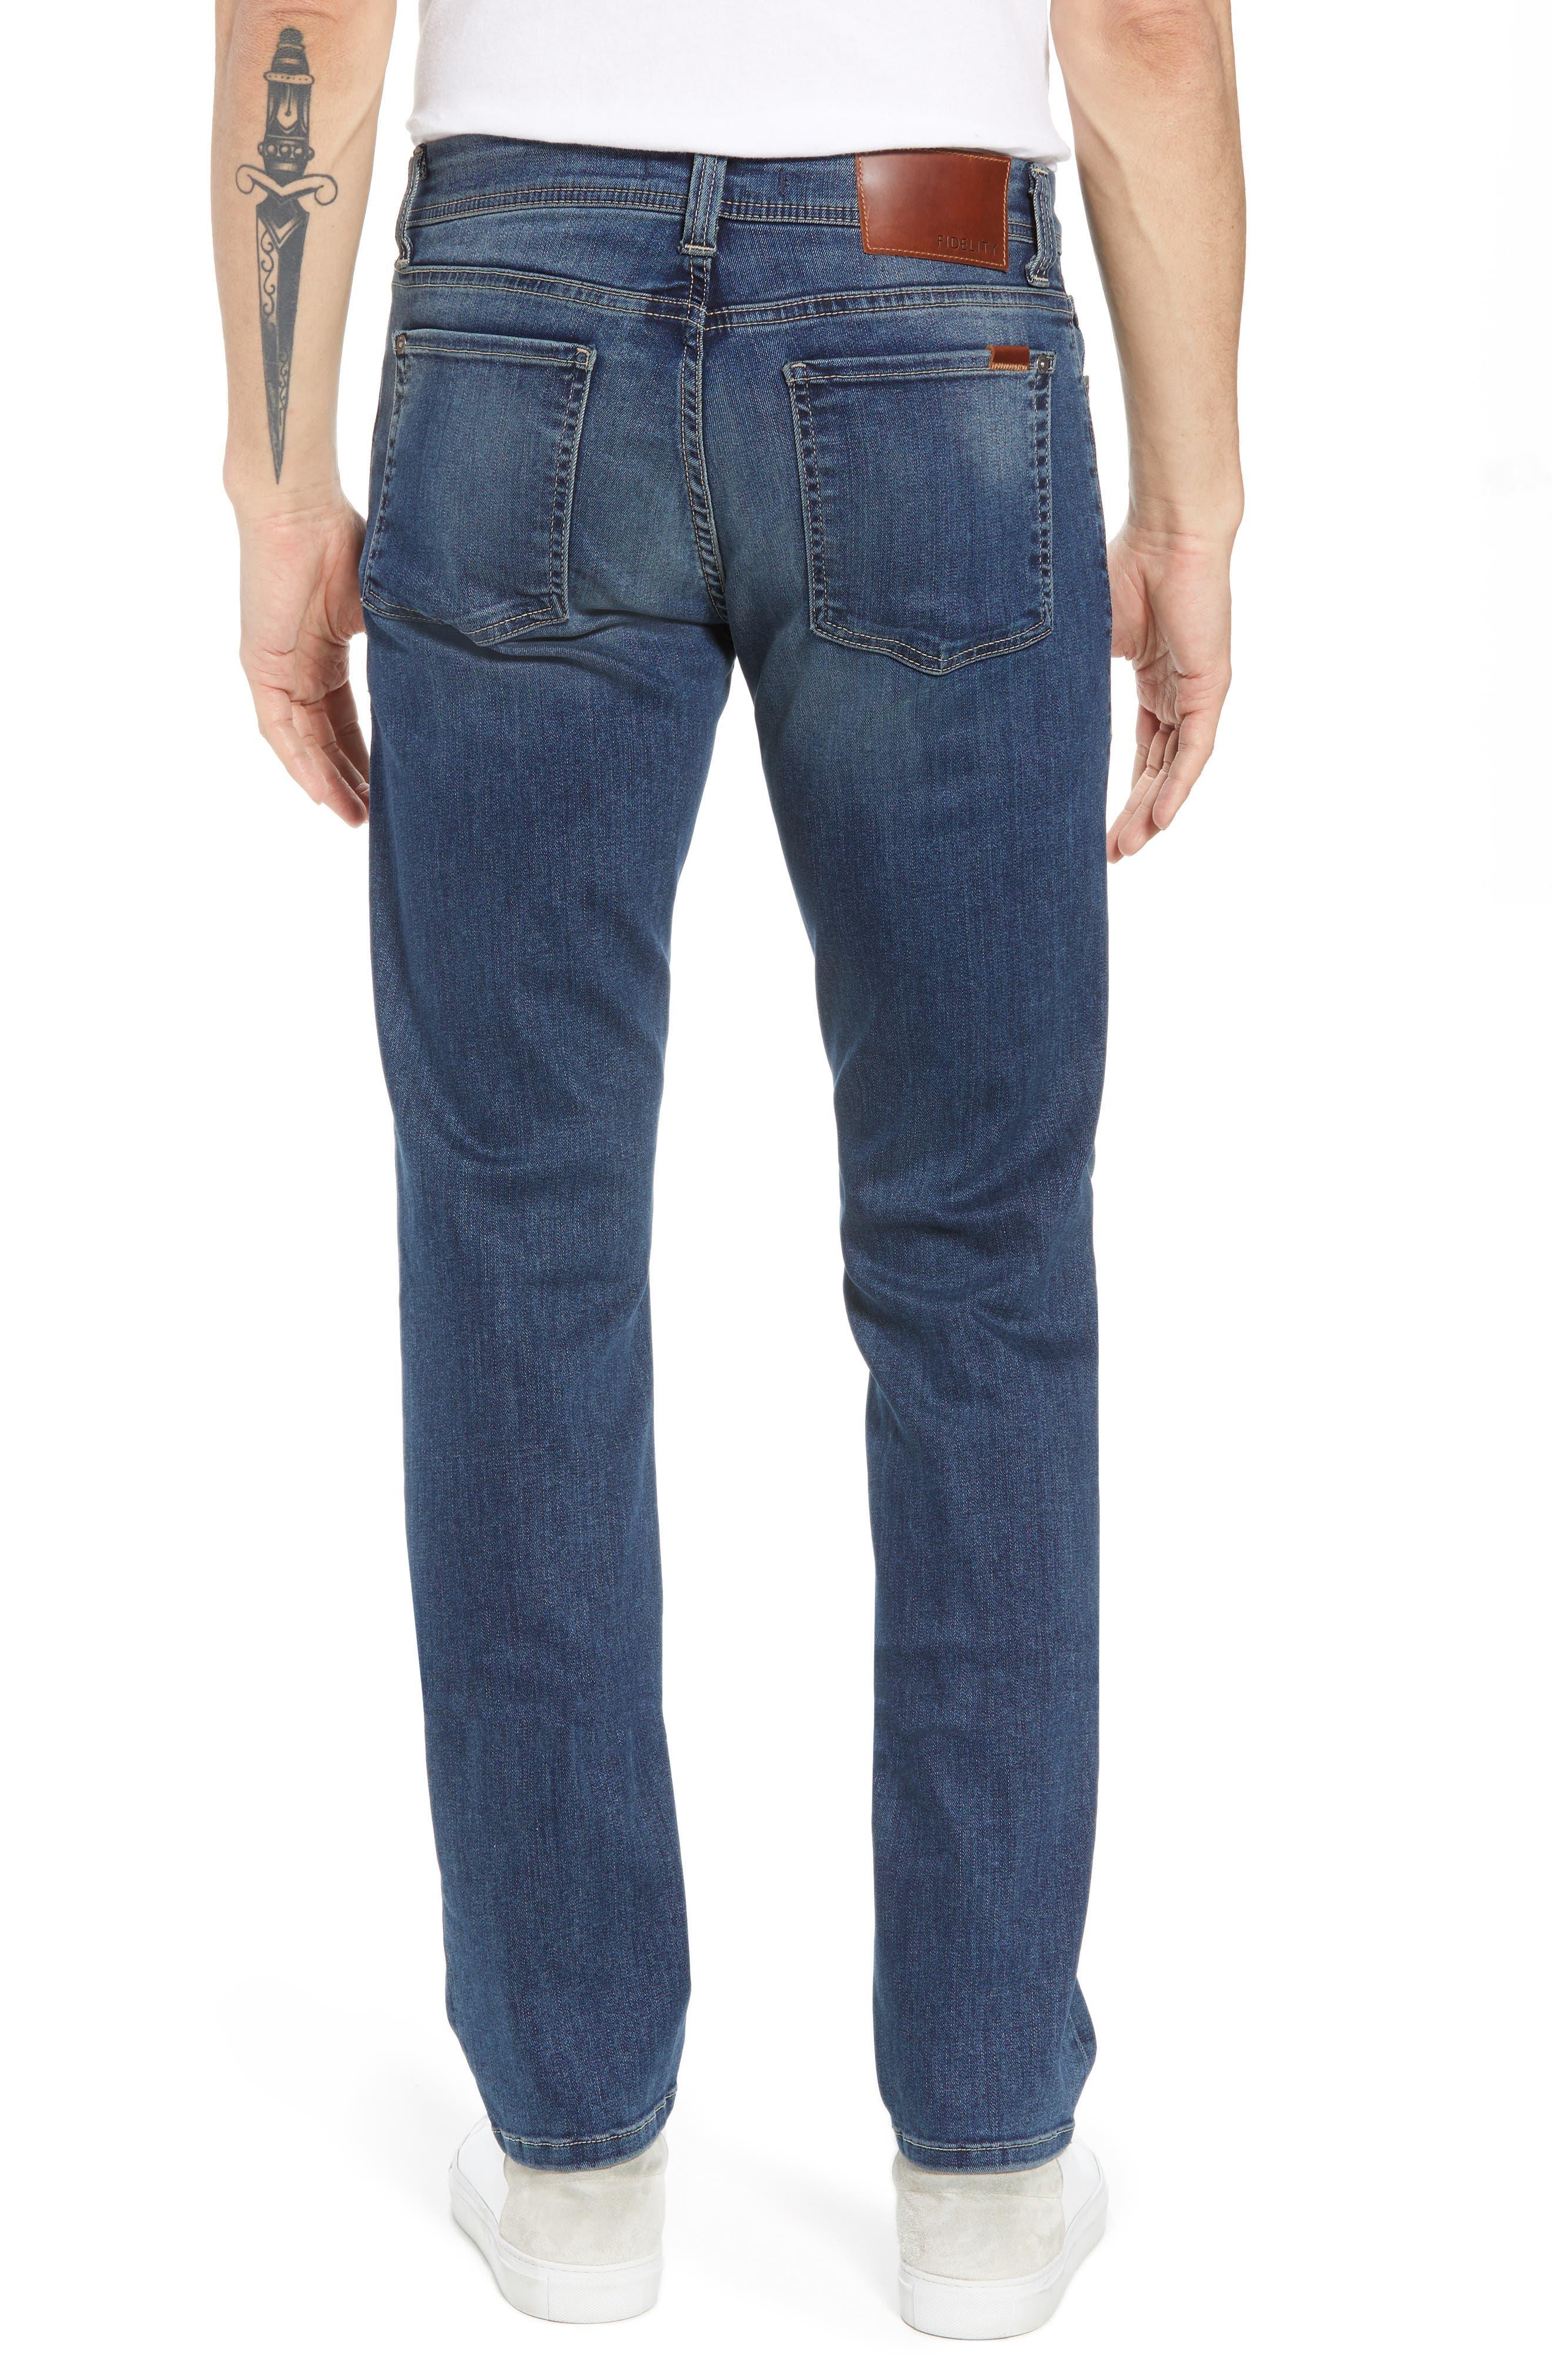 Jimmy Slim Straight Leg Jeans,                             Alternate thumbnail 2, color,                             Satori Blue